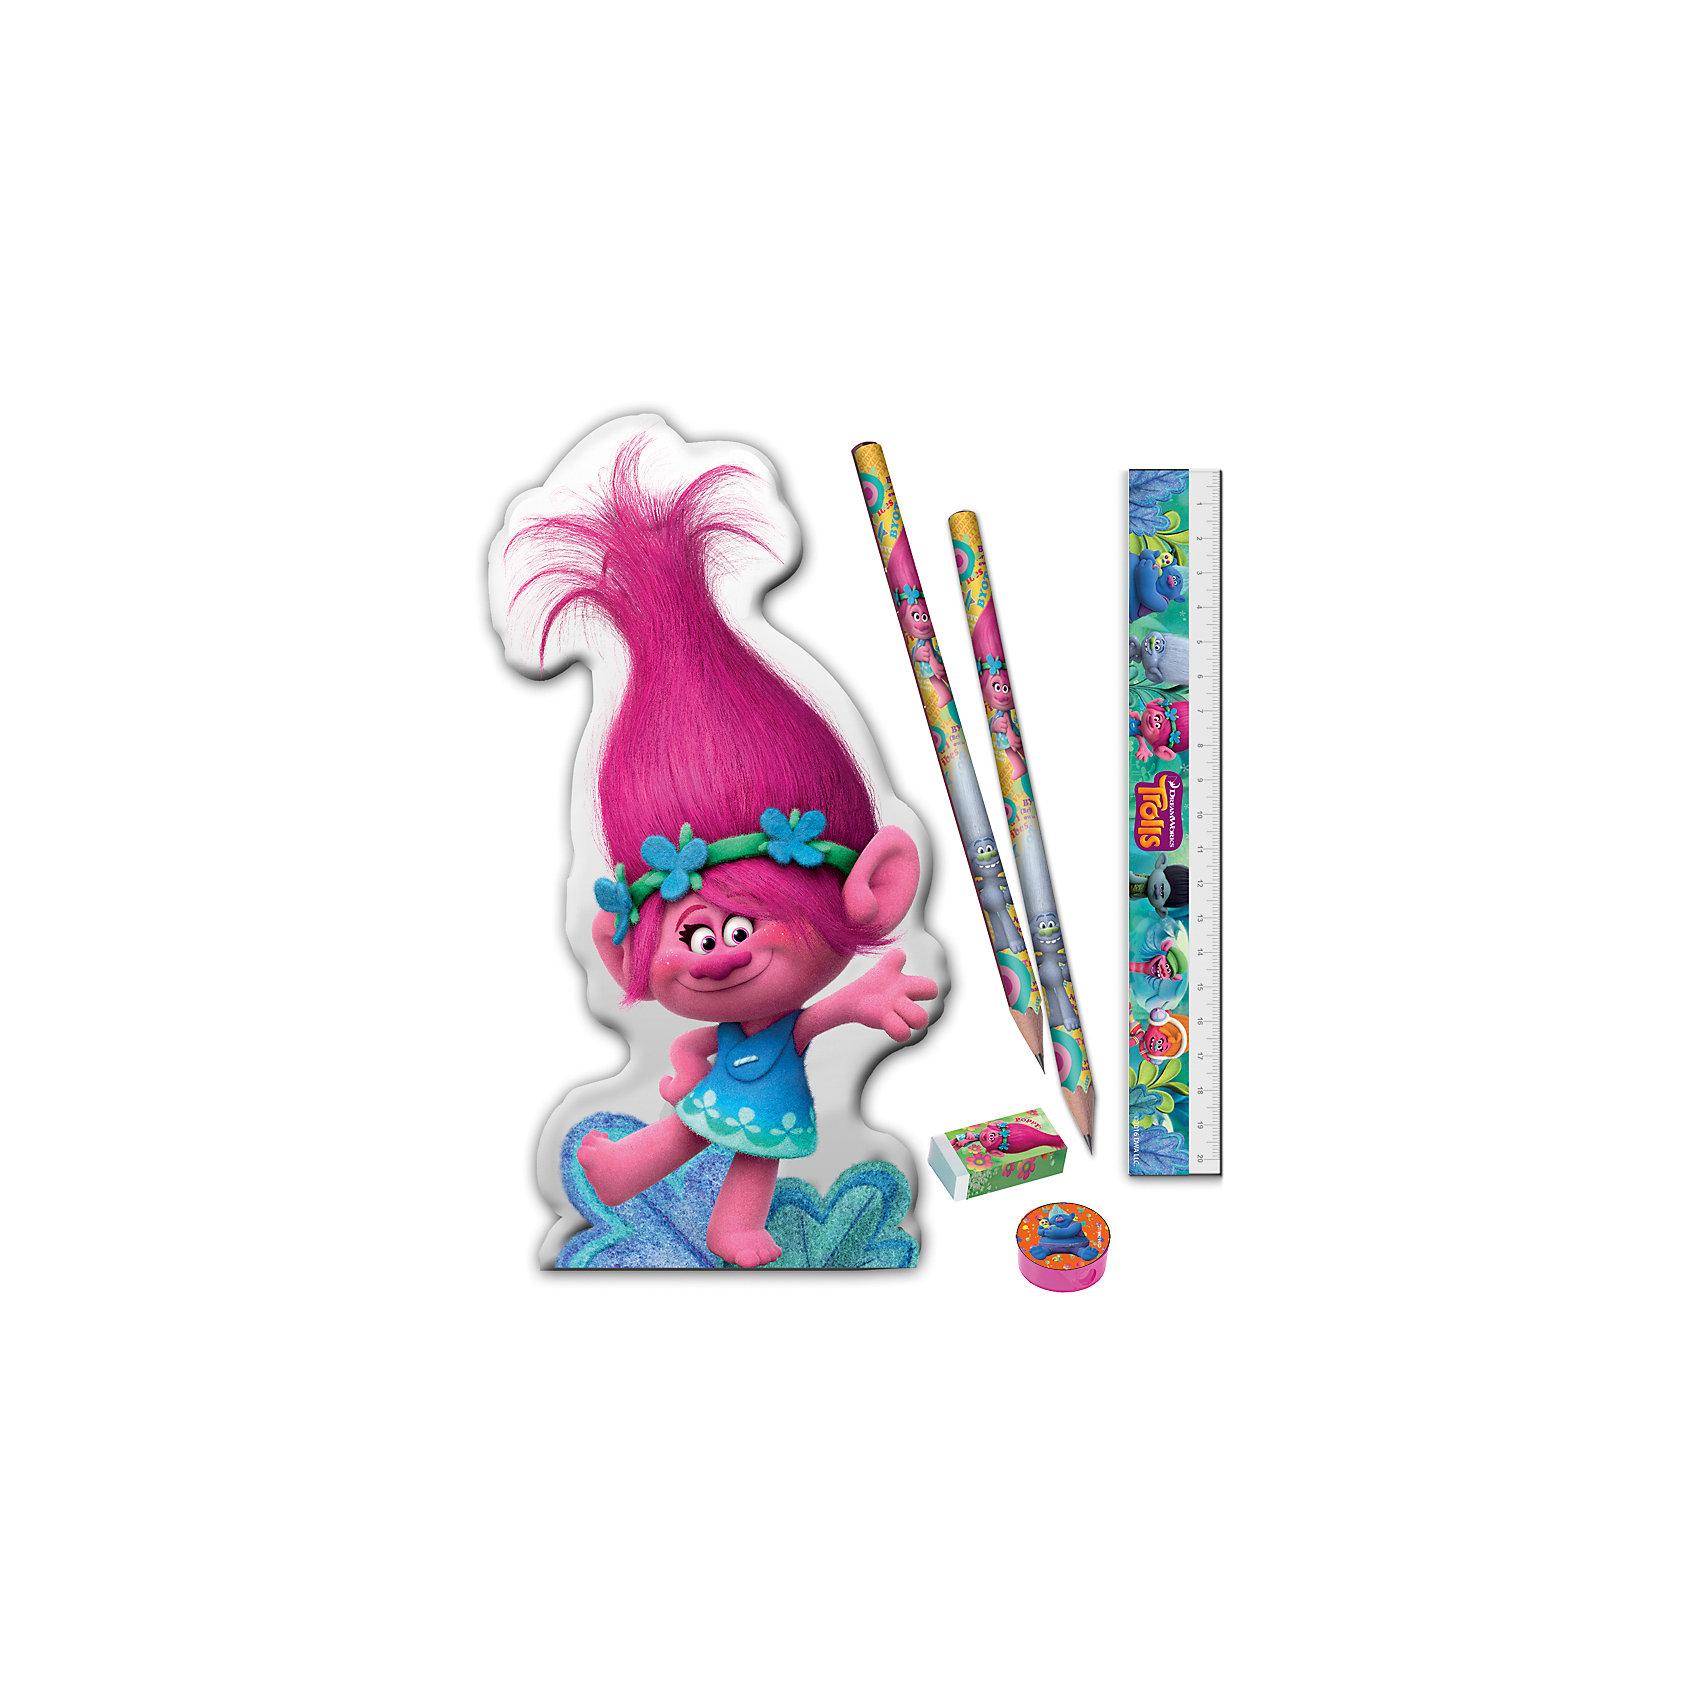 Канцелярский набор ТроллиШкольные аксессуары<br>Канцелярский набор Тролли, Limpopo (Лимпопо)<br><br>Характеристики:<br><br>• PVC-упаковка в виде сумочки<br>• яркий дизайн с героями мультфильма<br>• подарочная упаковка<br>• в комплекте: 2 ч/г карандаша, линейка, точилка, ластик, сумочка<br>• размер упаковки: 21х2х20,5 см<br>•вес: 50 грамм<br><br>Жизнерадостная Розочка знакома каждому поклоннику мультфильма Тролли. Сумочка с ее изображением станет прекрасным подарком для вашего ребенка. Внутри сумочки находятся два чернографитовых карандаша, линейка, ластик и точилка. Все эти принадлежности пригодятся ребенку на занятиях. А с веселыми троллями учиться еще интереснее!<br><br>Канцелярский набор Тролли, Limpopo (Лимпопо) можно купить в нашем интернет-магазине.<br><br>Ширина мм: 205<br>Глубина мм: 20<br>Высота мм: 210<br>Вес г: 50<br>Возраст от месяцев: 48<br>Возраст до месяцев: 144<br>Пол: Унисекс<br>Возраст: Детский<br>SKU: 5390301